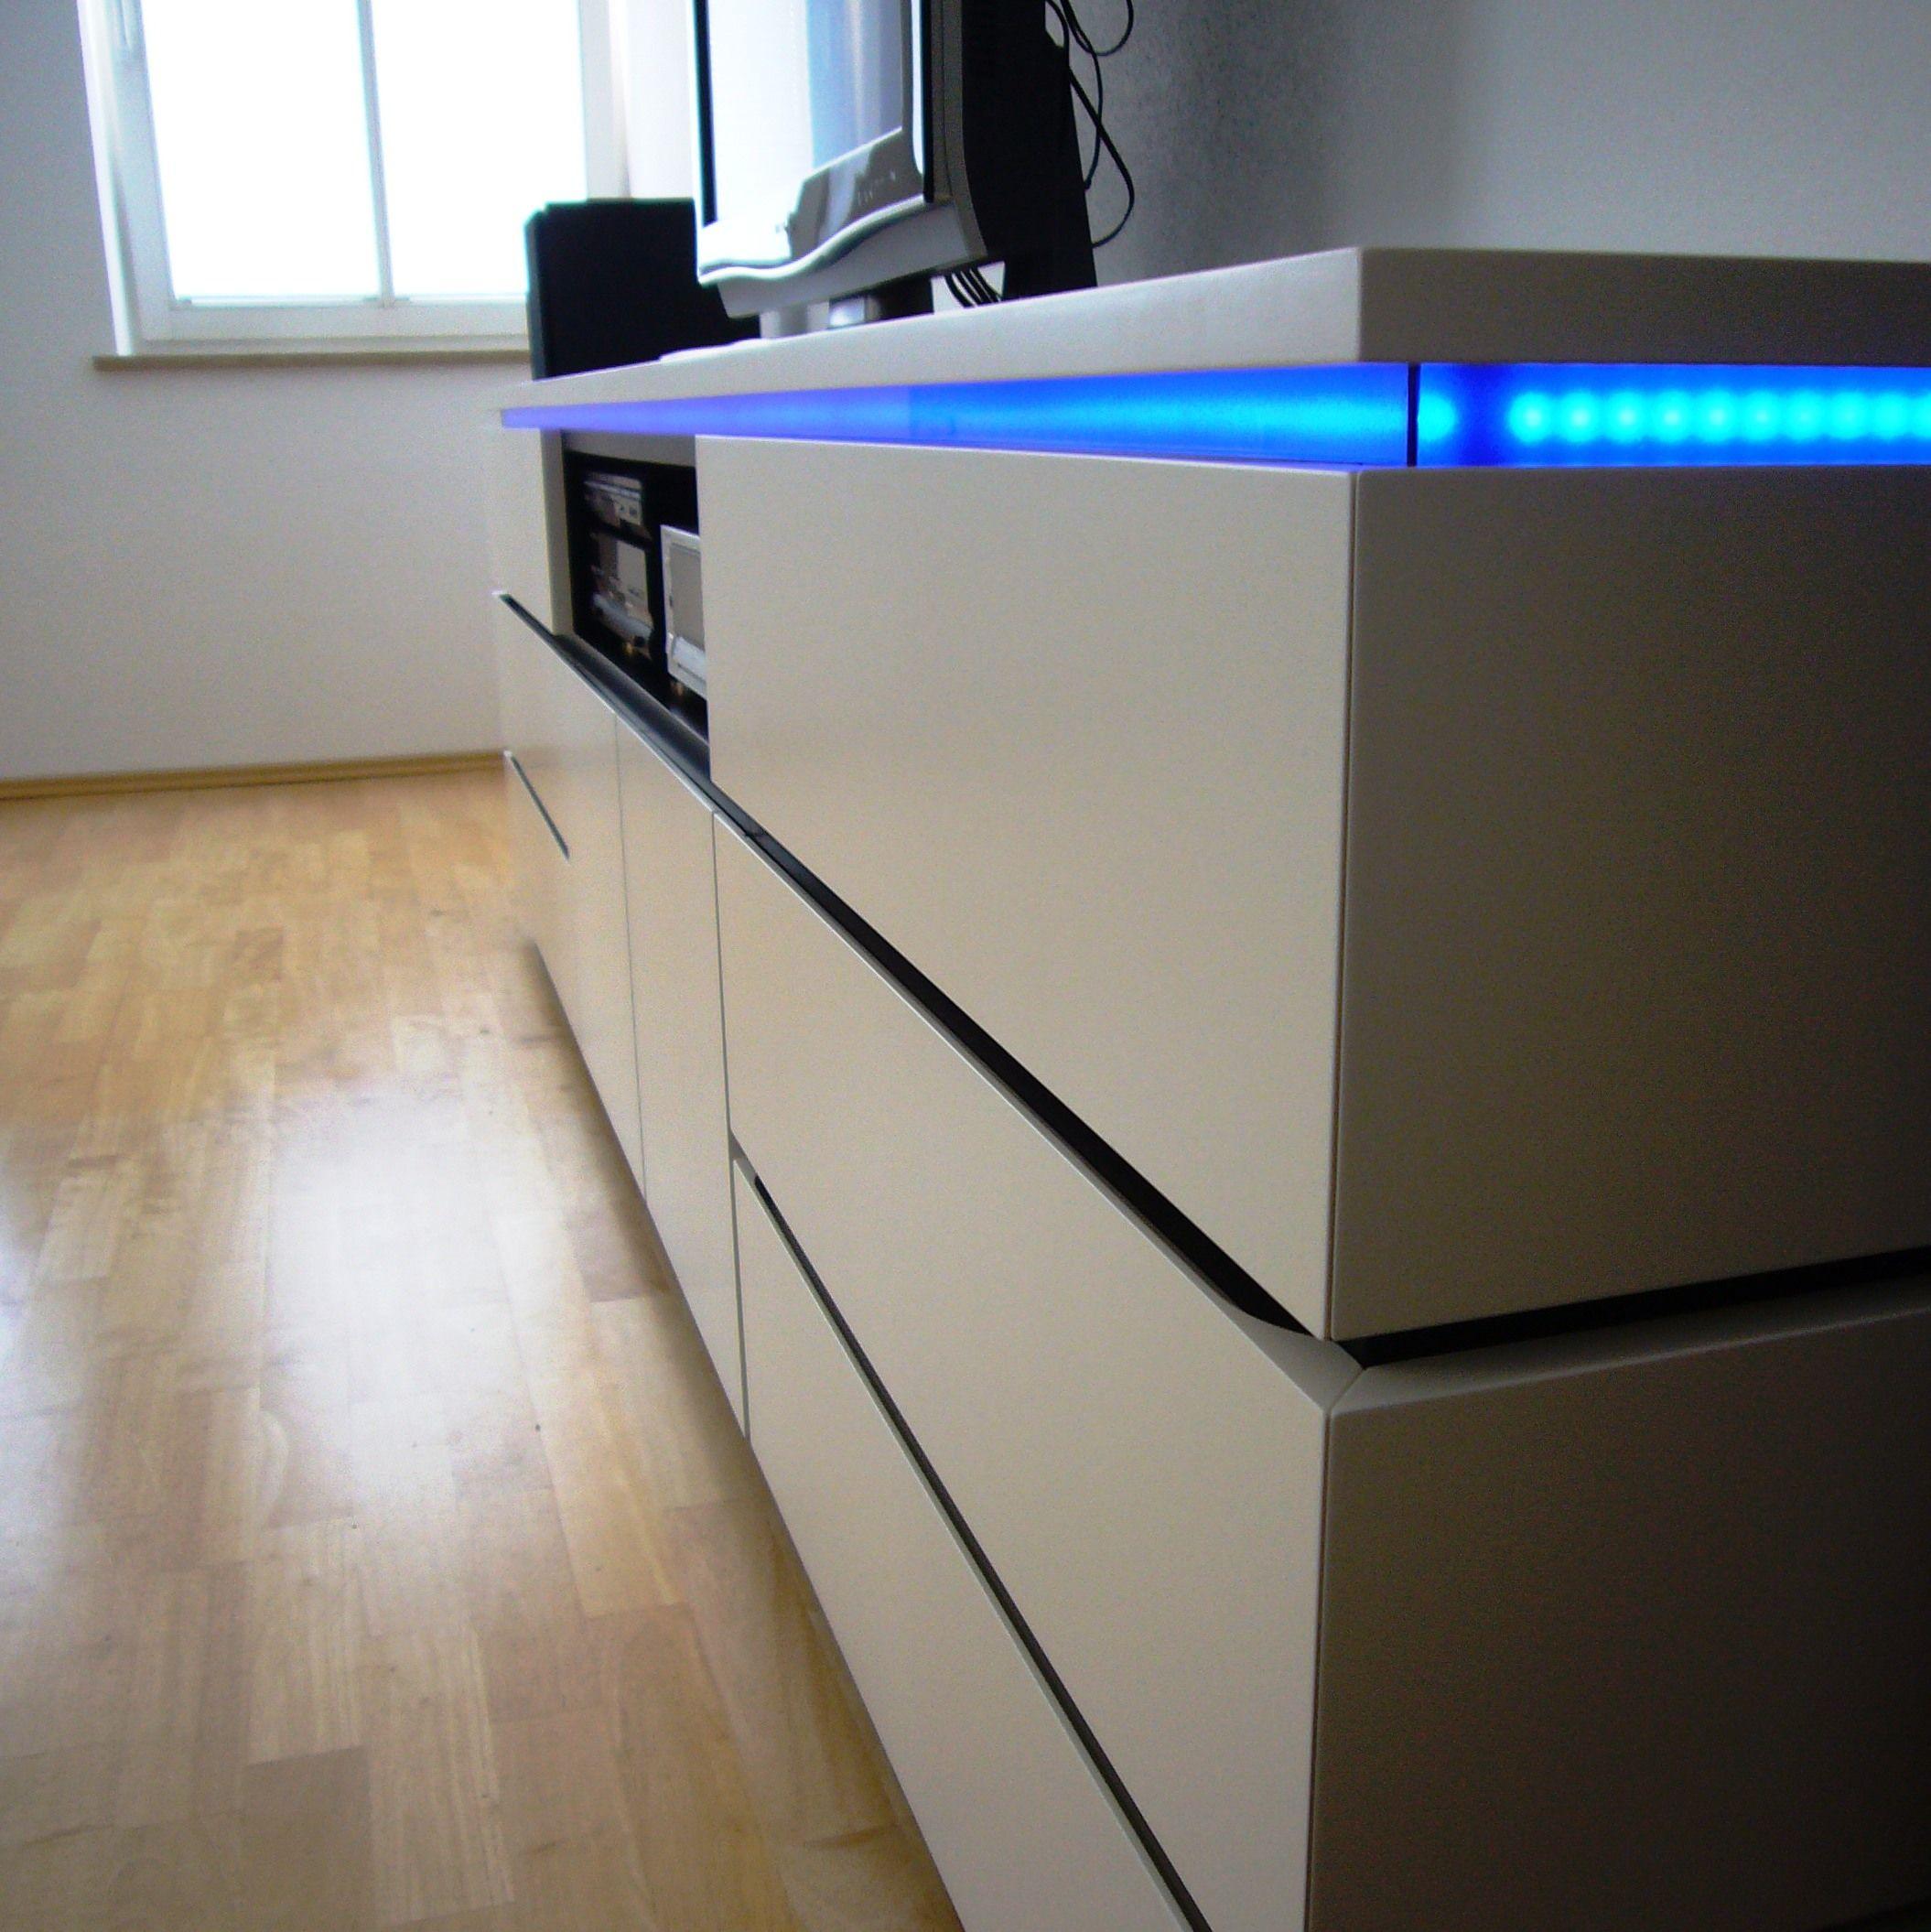 hifi m bel wei und schwarz lackiert mit led beleuchtung durch blaues acrylglas l s. Black Bedroom Furniture Sets. Home Design Ideas